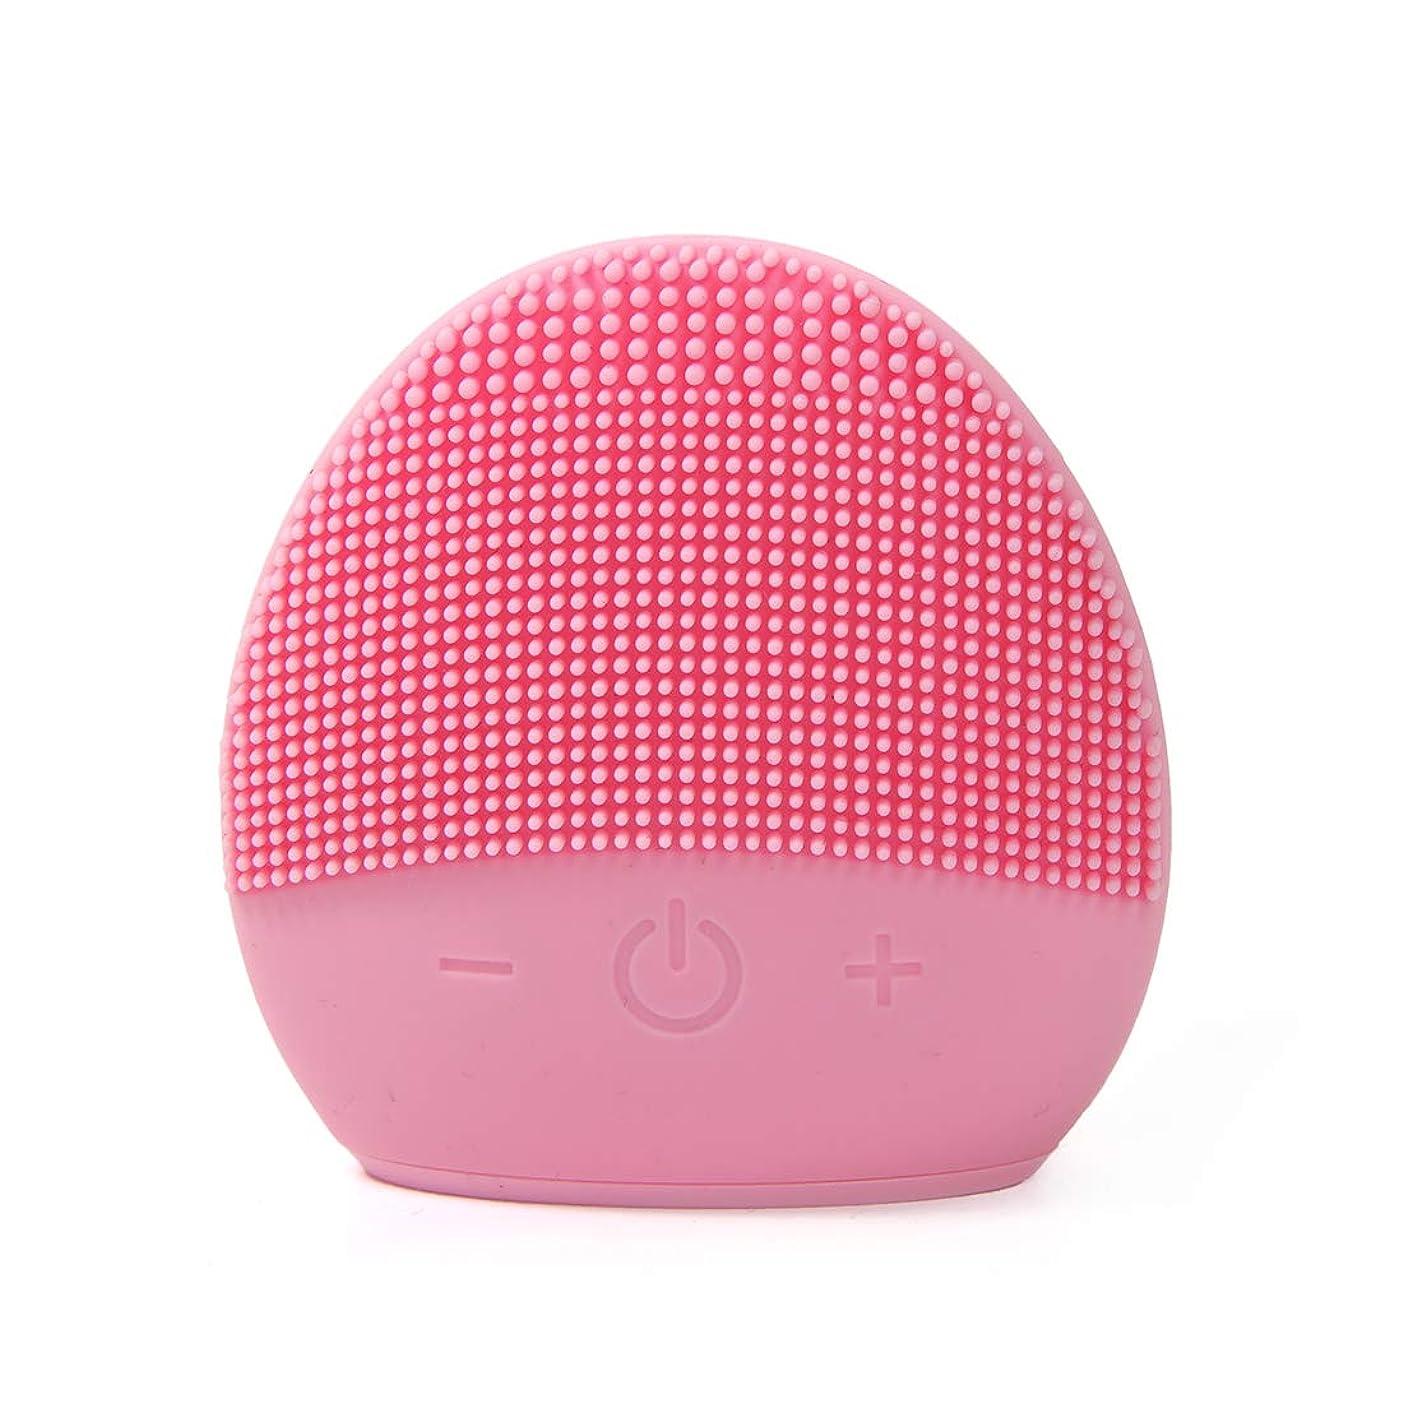 ソフィー小さなビットミニシリコーンクレンジングブラシ - すべての肌タイプのためのFEITA防水シリコーンクレンザーと電気マッサージシステム(ピンク)